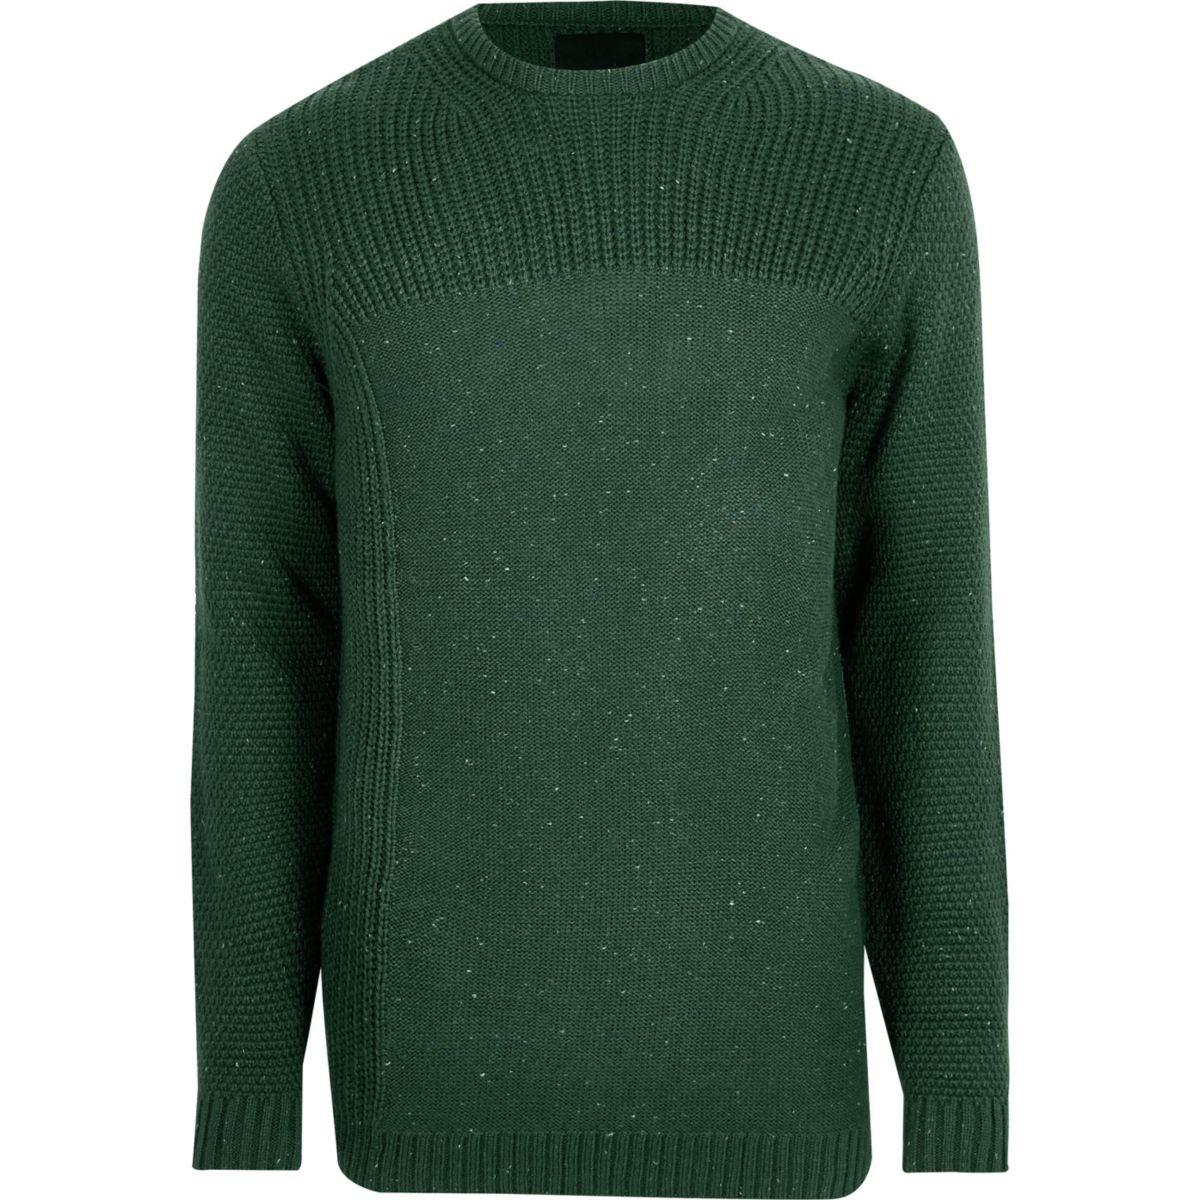 Dark green textured crew neck jumper